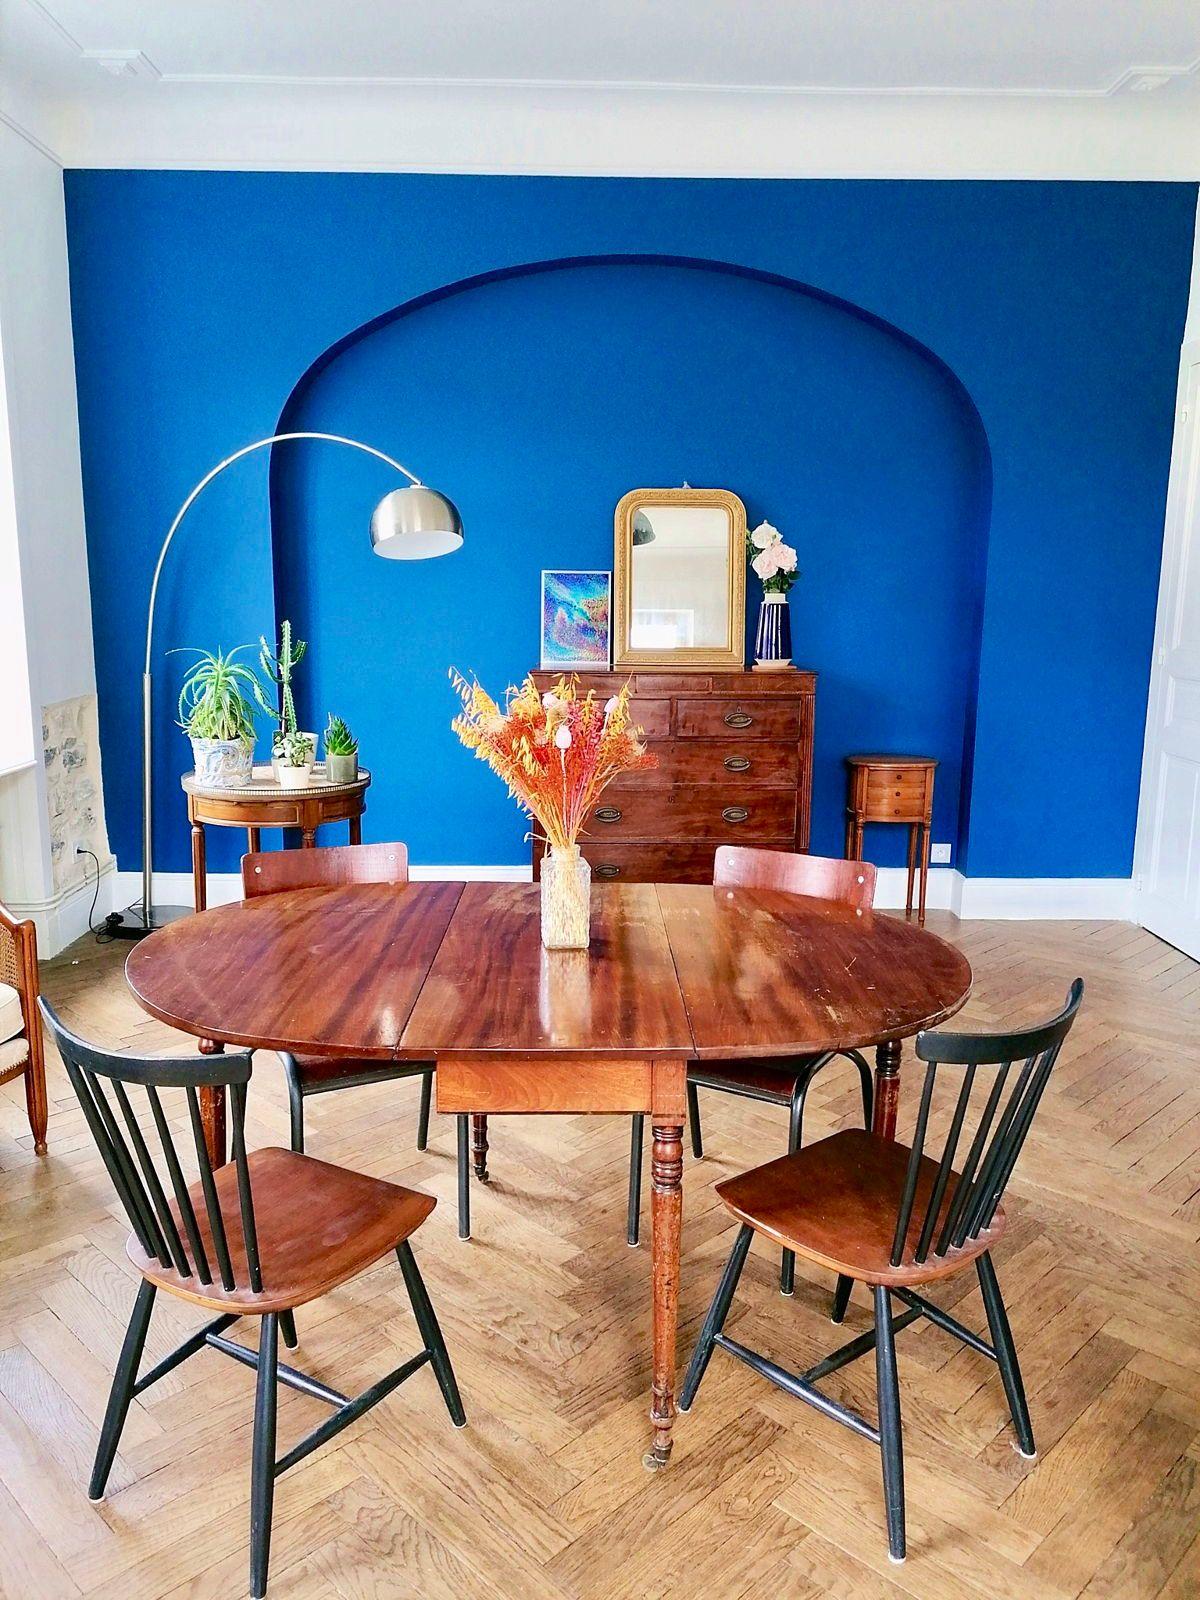 Loue appartement vue sur mer Biarritz (64) 5couchages